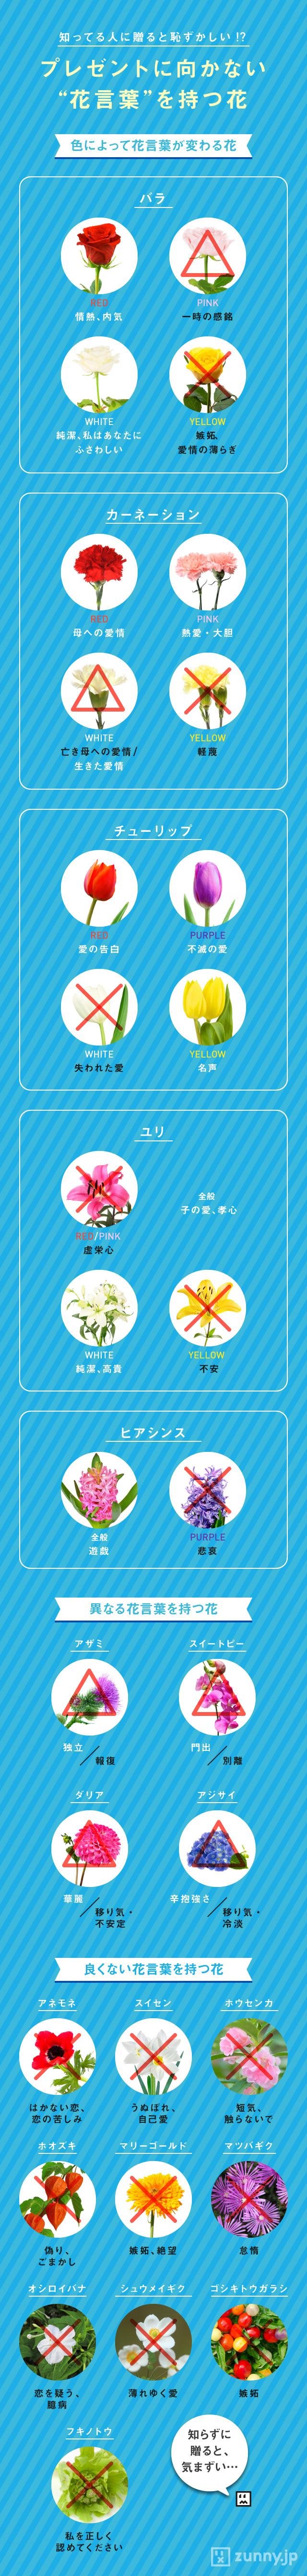 インフォグラフィック:花言葉を誕生日や記念日に贈る。野菜や果物、NGな怖い花言葉一覧